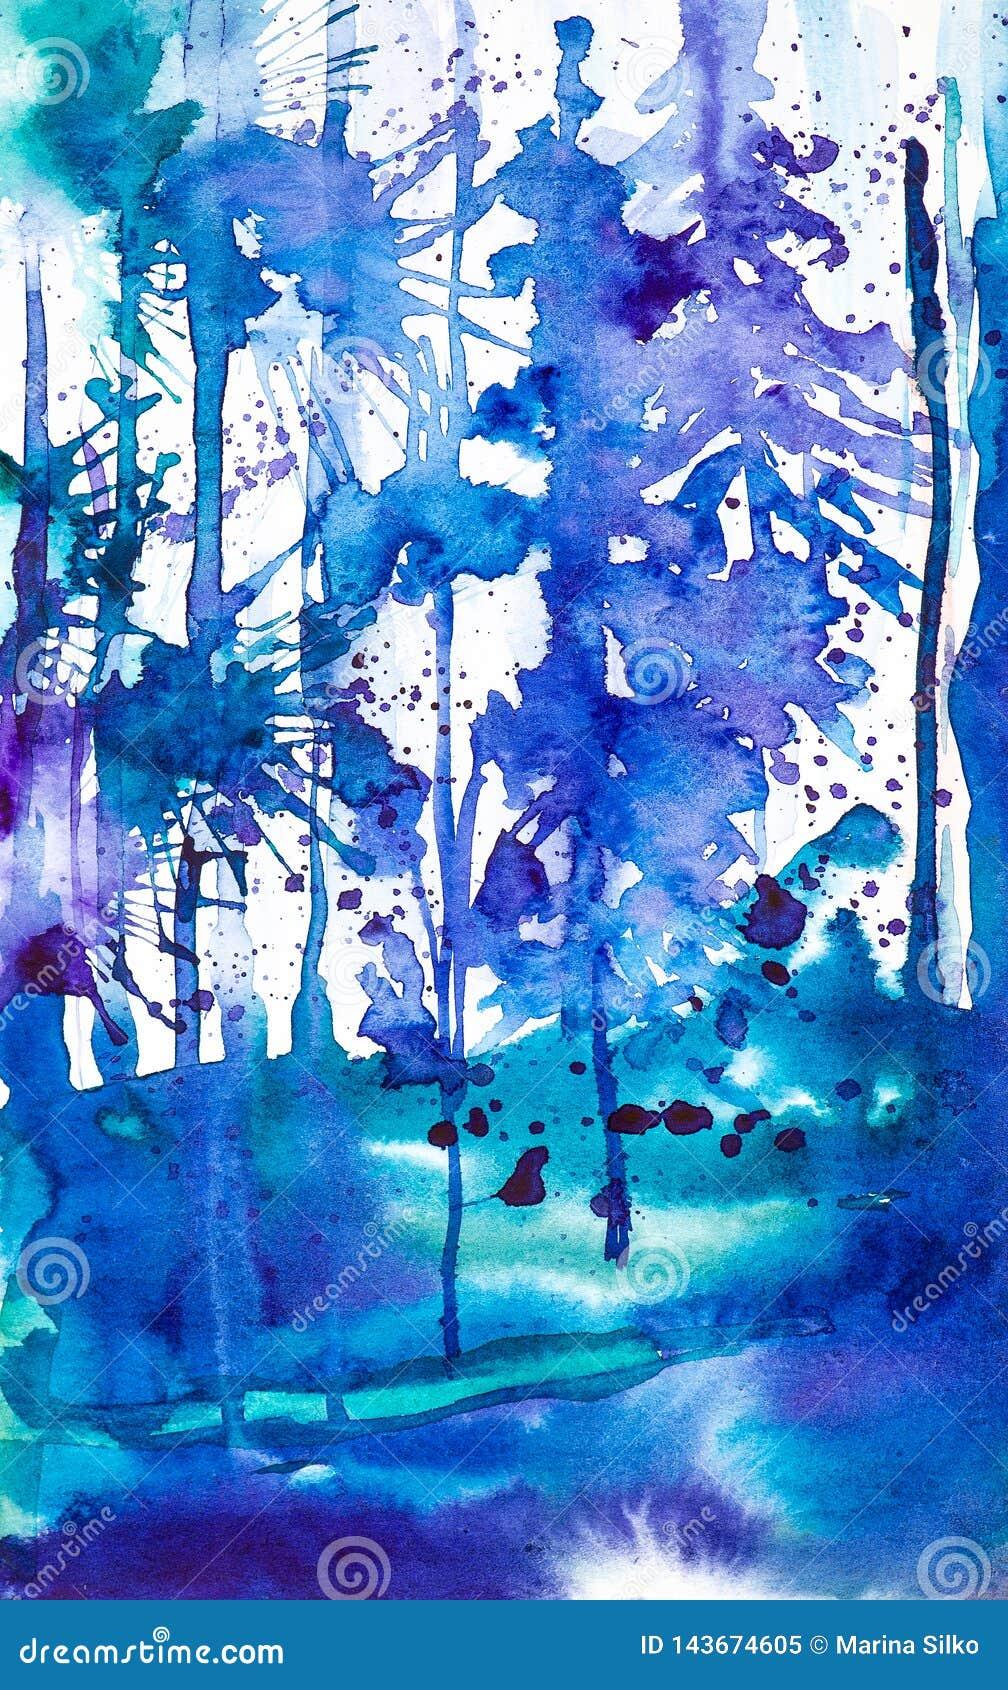 Abstracte waterverfillustratie van het blauwe die bos door dalingen van inktvlekken wordt omringd